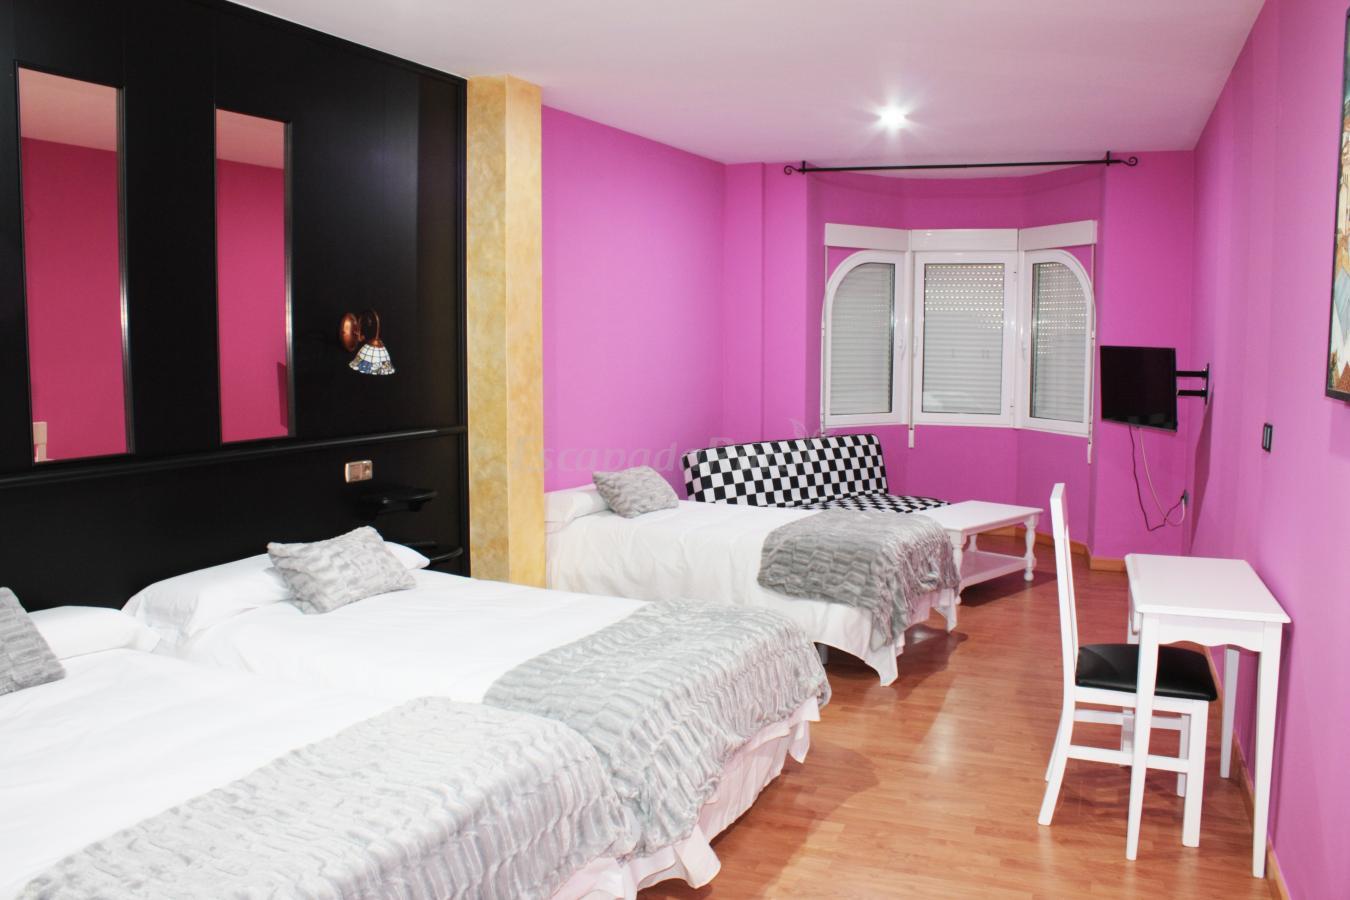 Fotos de hotel aros casa rural en casas ib ez albacete - Hotel aro s casas ibanez ...